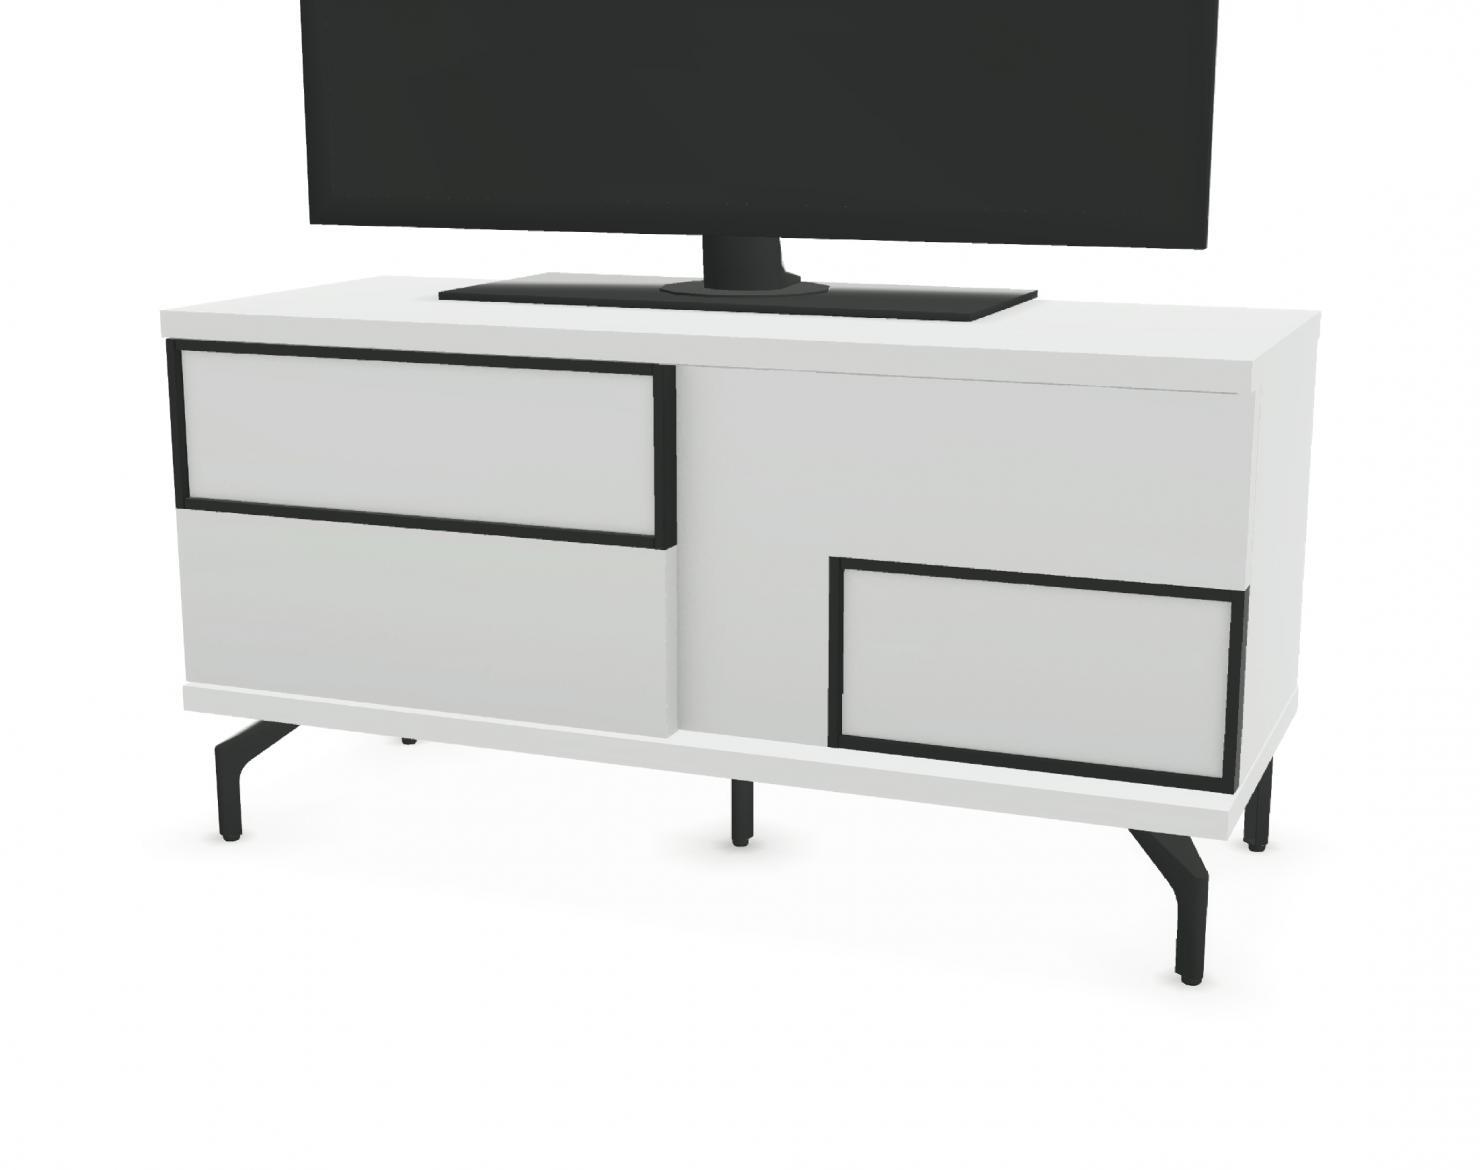 meuble tv 2 portes coulissantes facade bois